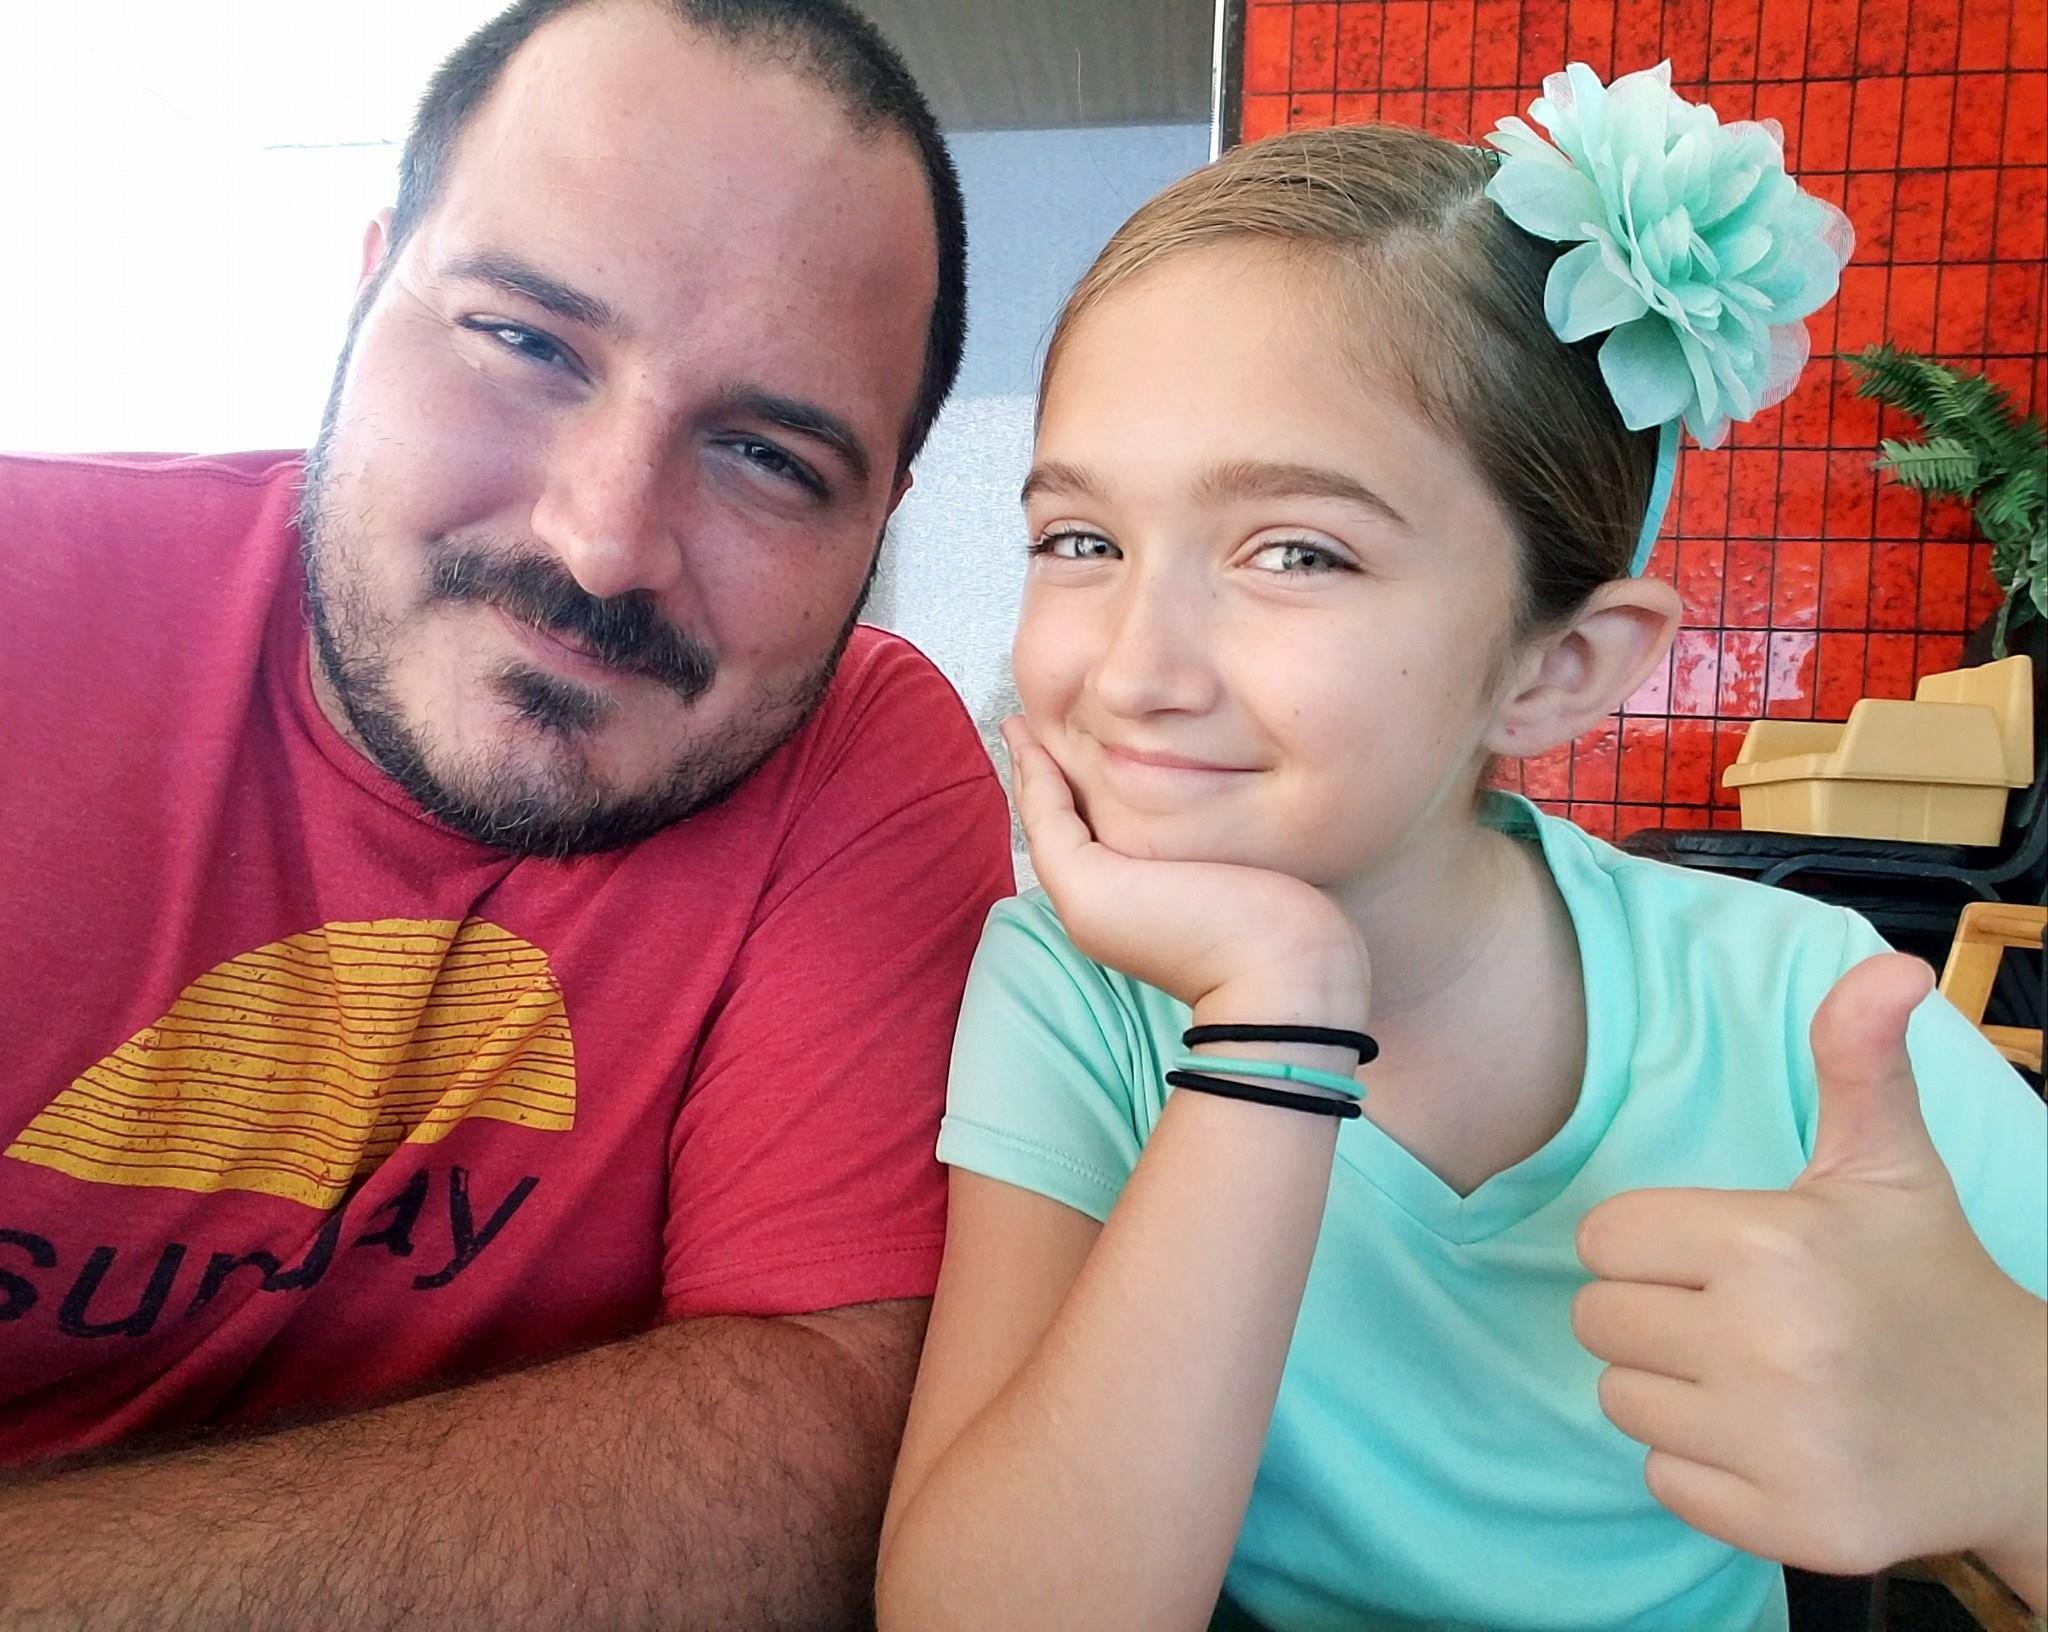 23331083 2385791818313592 1100729566720390413 o - Padre soltero aprende a peinar a su hija con estilo y pone su escuela para que otros papás aprendan